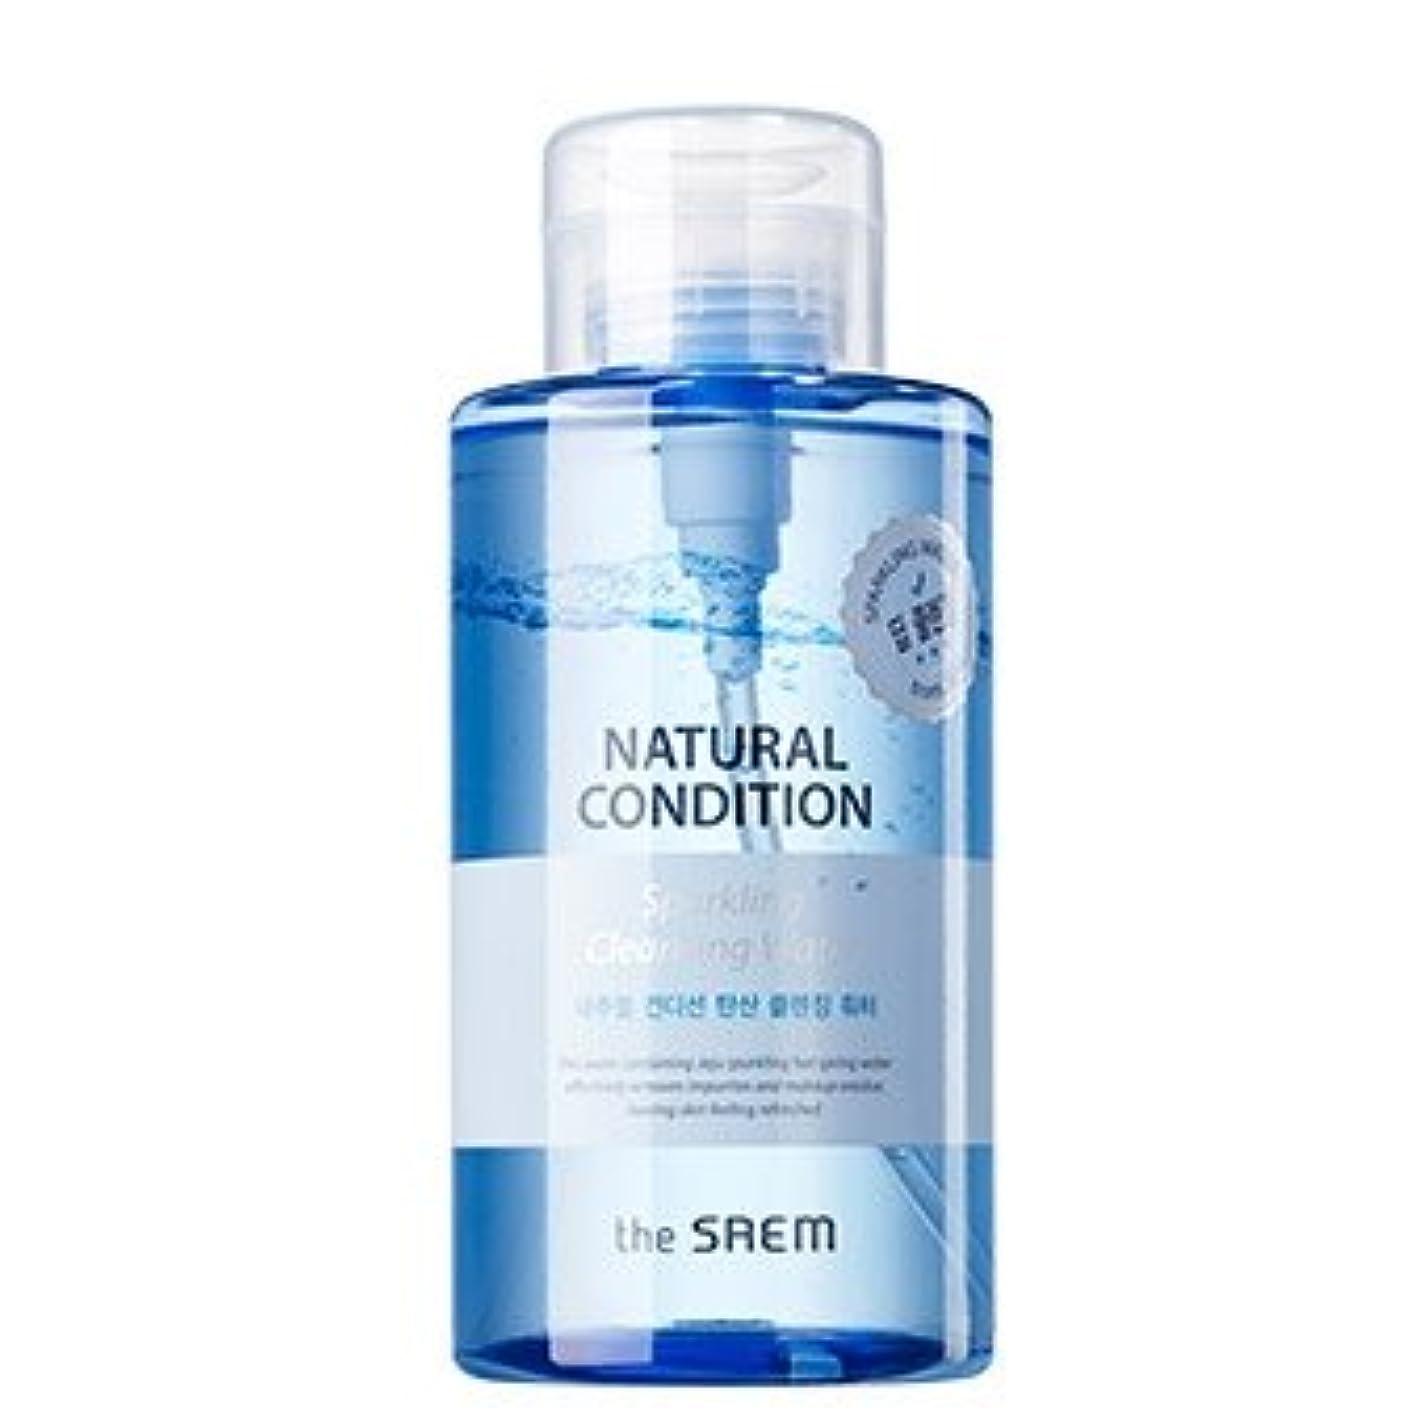 喉が渇いた債務雄弁the SAEM Natural Condition Sparkling Cleansing Water 500ml/ザセム ナチュラル コンディション スパークリング クレンジングウォーター 500ml [並行輸入品]